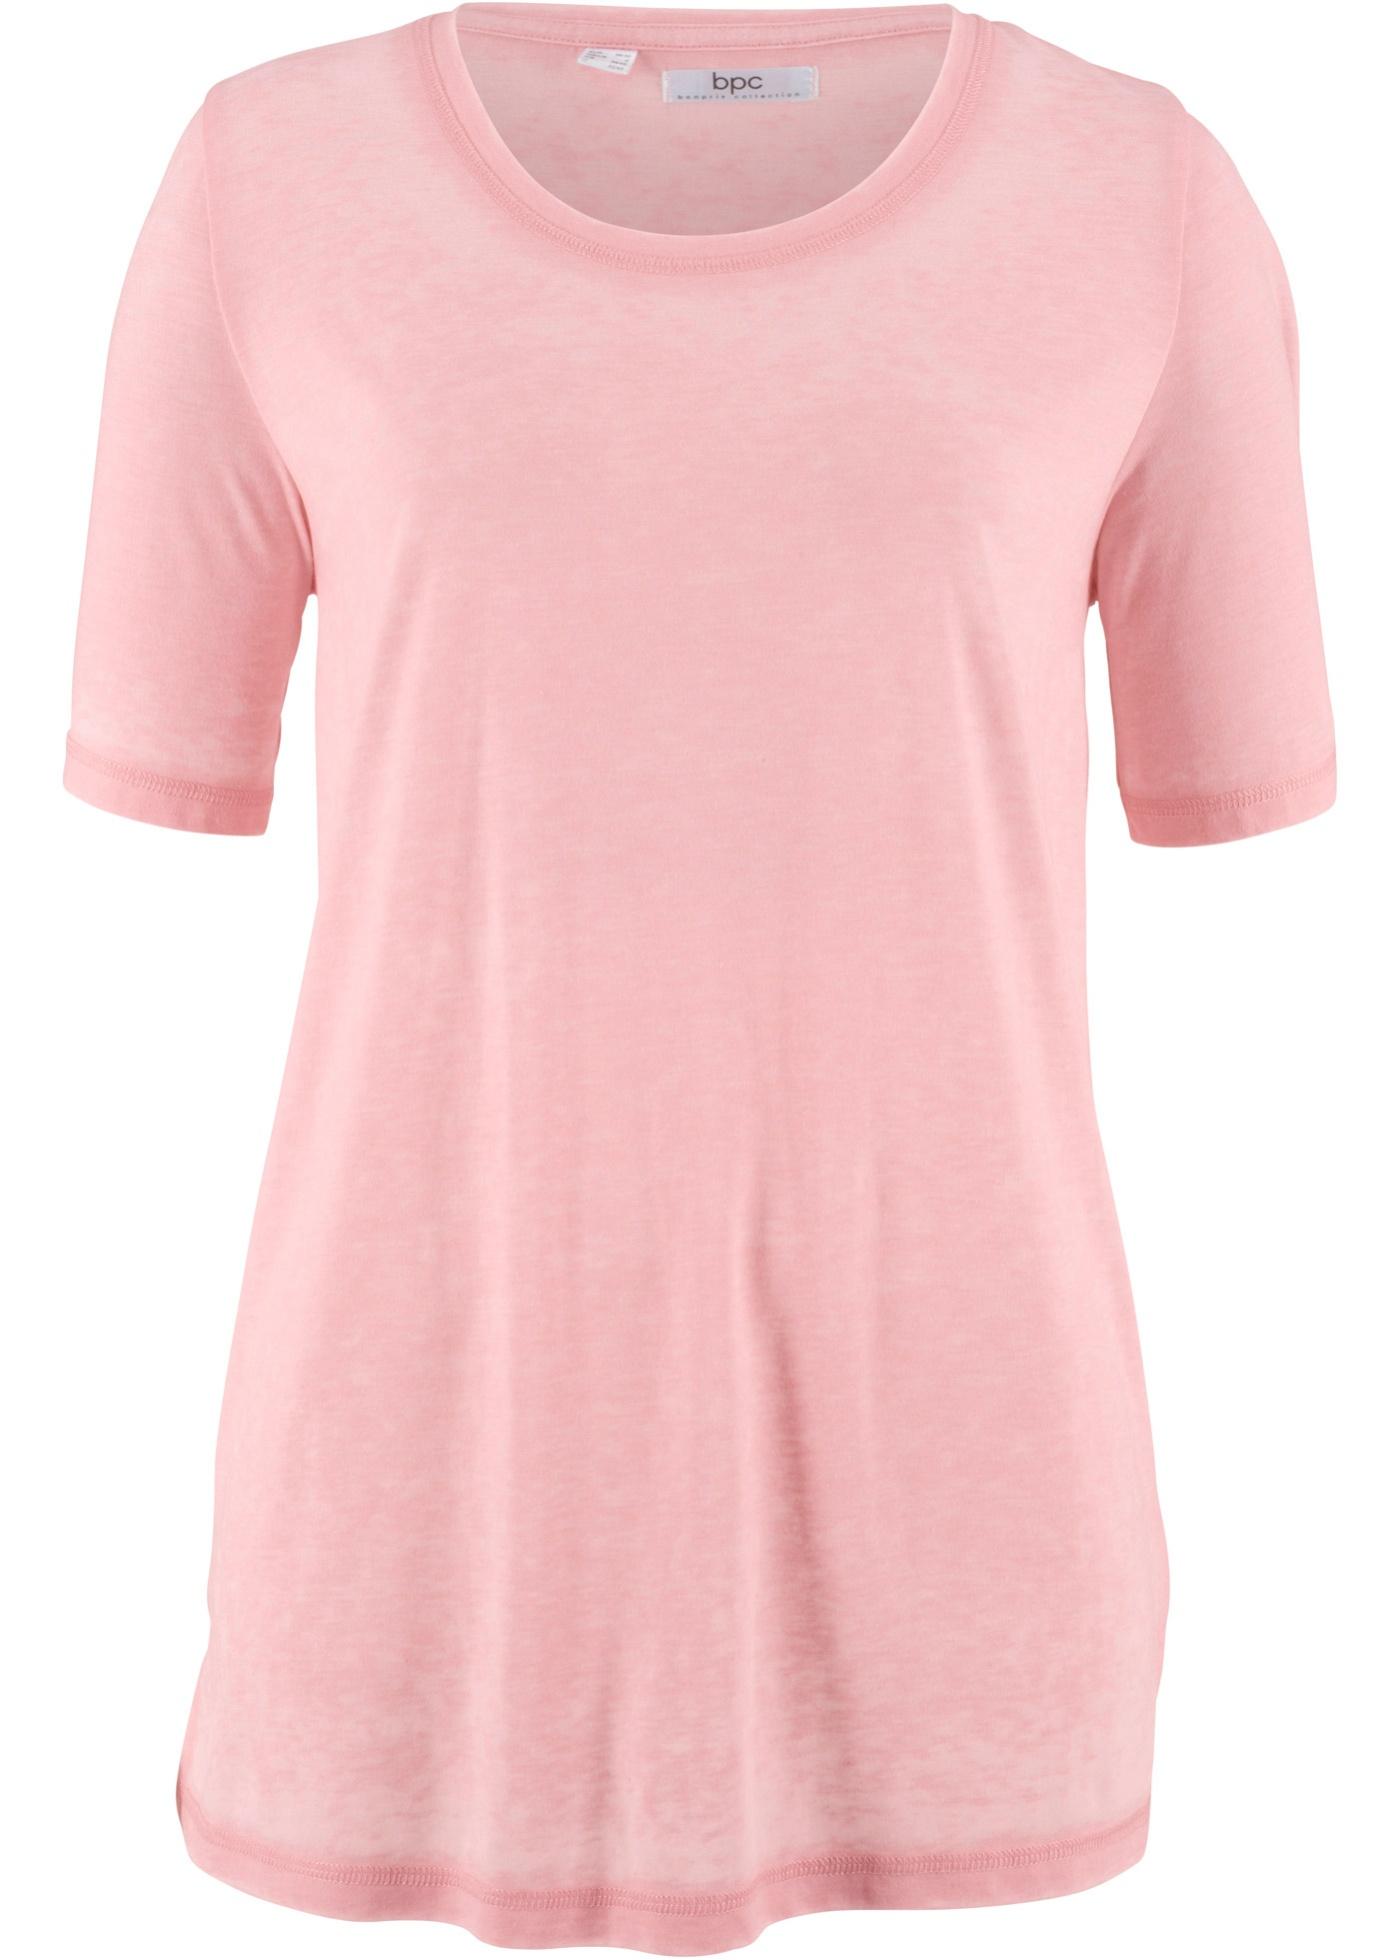 Halbarm-shirt Im Used-look